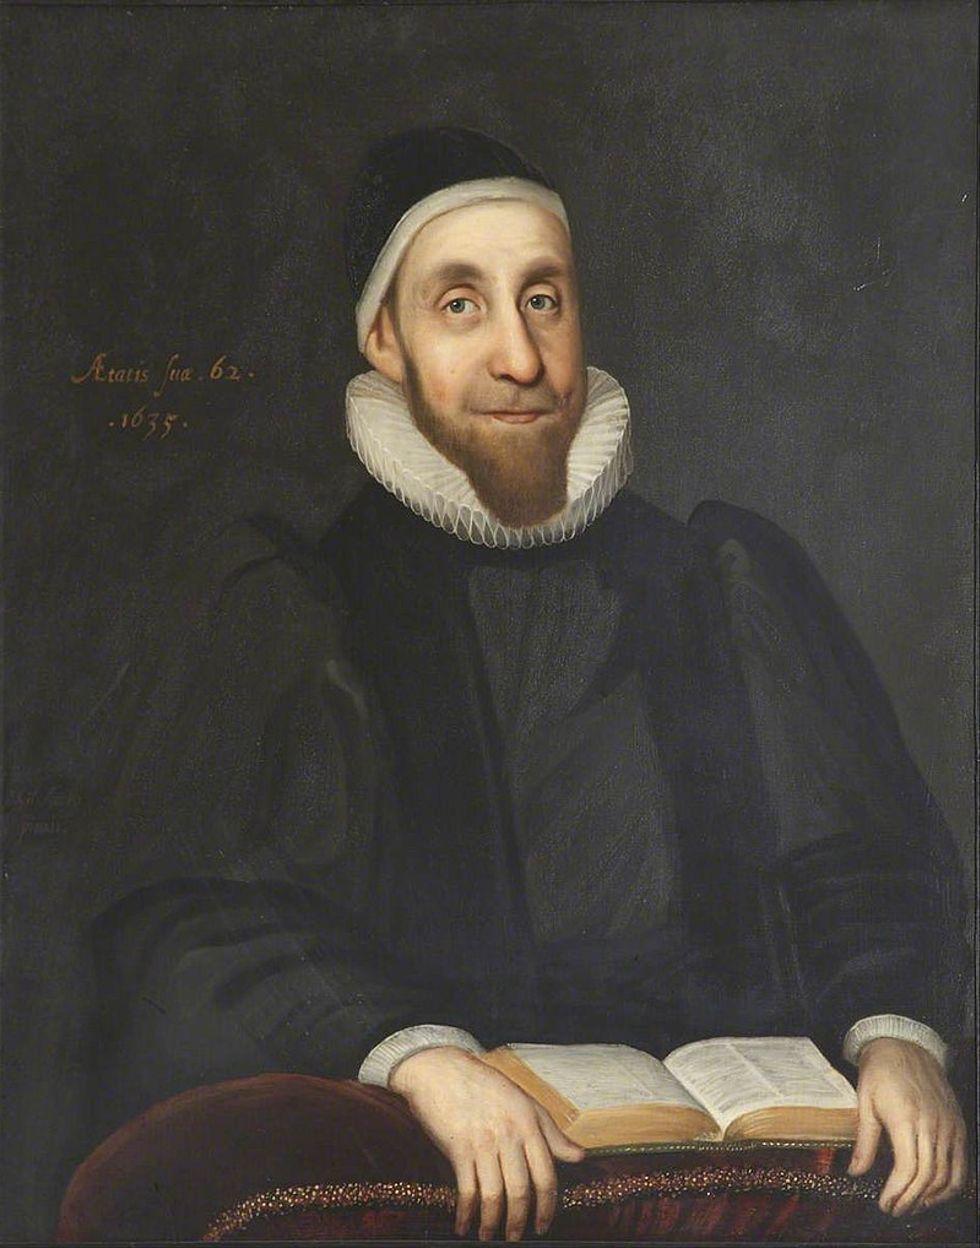 """I hela sitt liv skrev Robert Burton (1577 – 1640) på vad som kom att bli hans enda bok och livsverk, """"Melankolins anatomi"""".  I original är den hela 1300 sidor lång. I Arne Melbergs svenska översättning landar den på en fjärdel i omfång."""